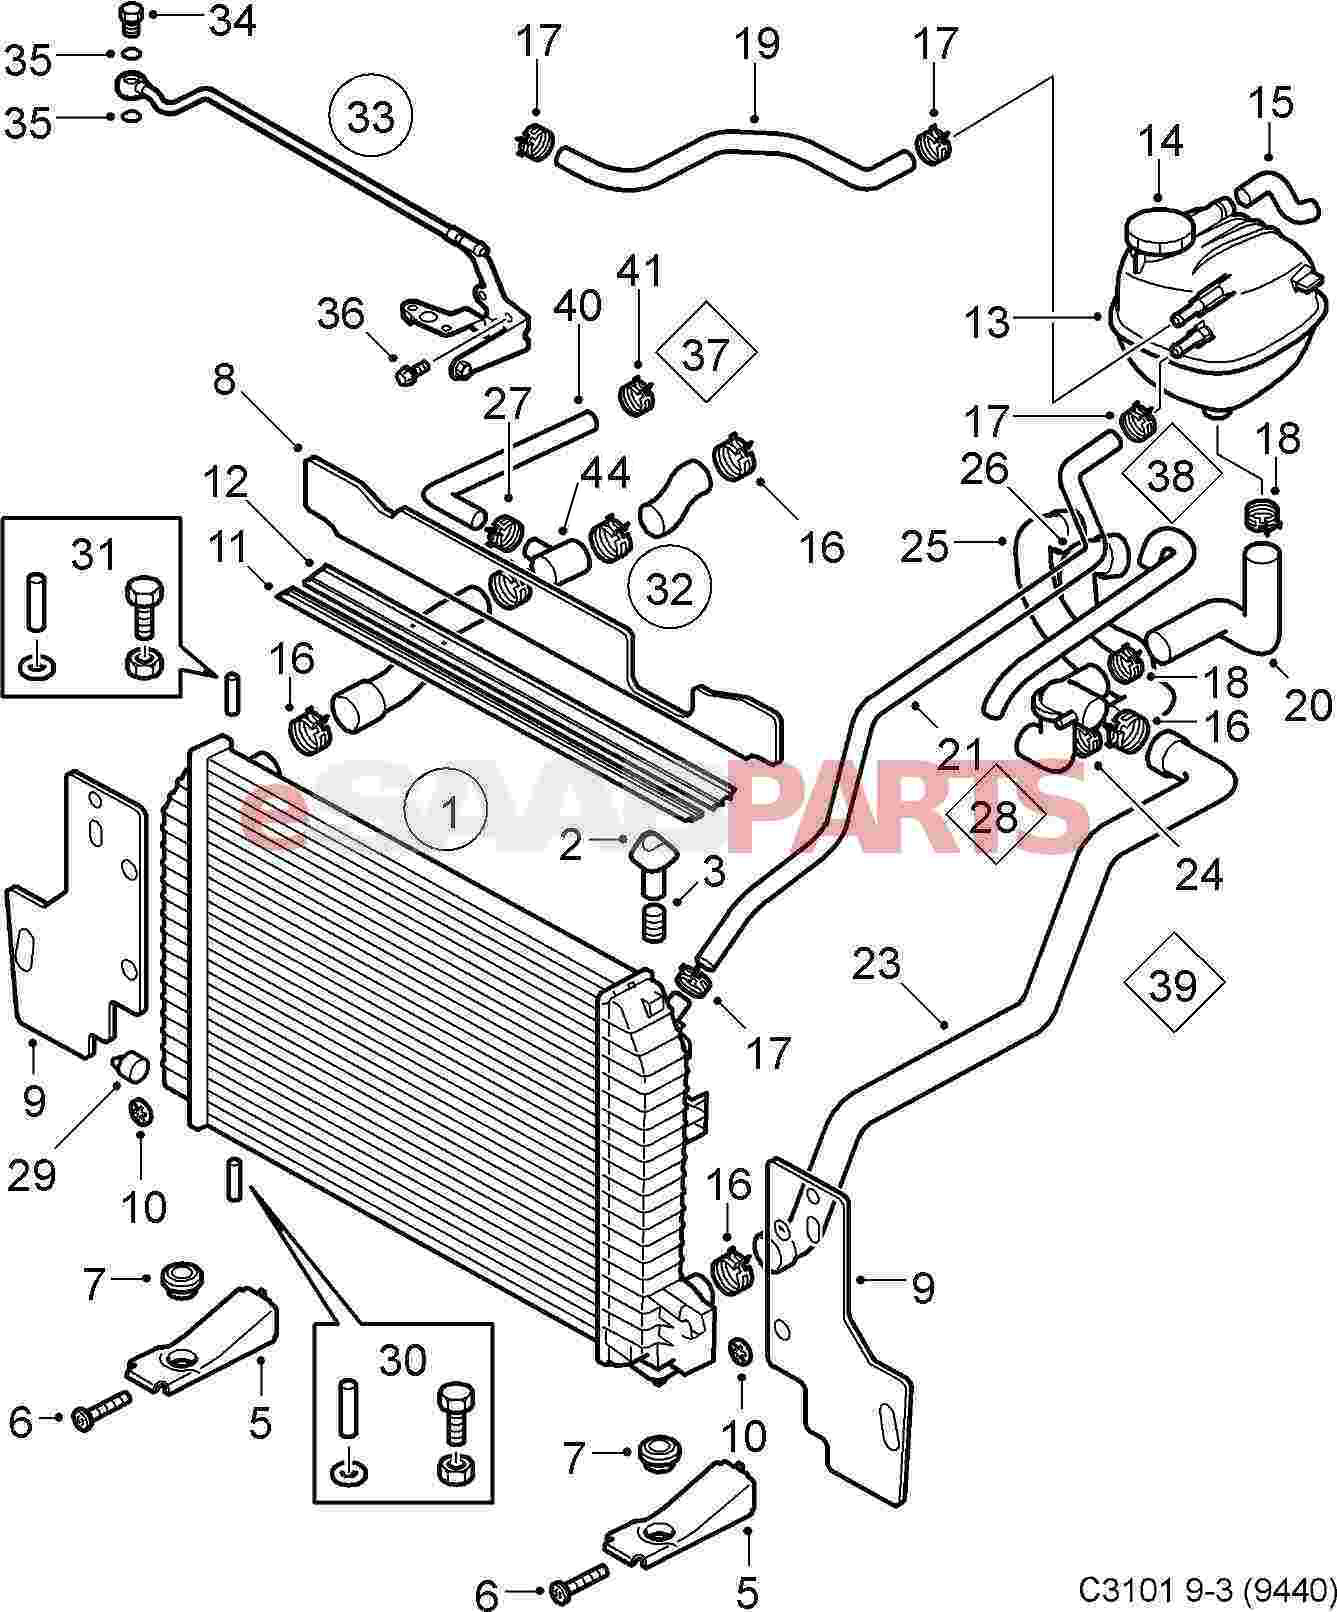 11900513 saab tie strap genuine saab parts from esaabparts rh esaabparts 2003 saab 9 3 fuse box diagram saab 9 3 hose diagram